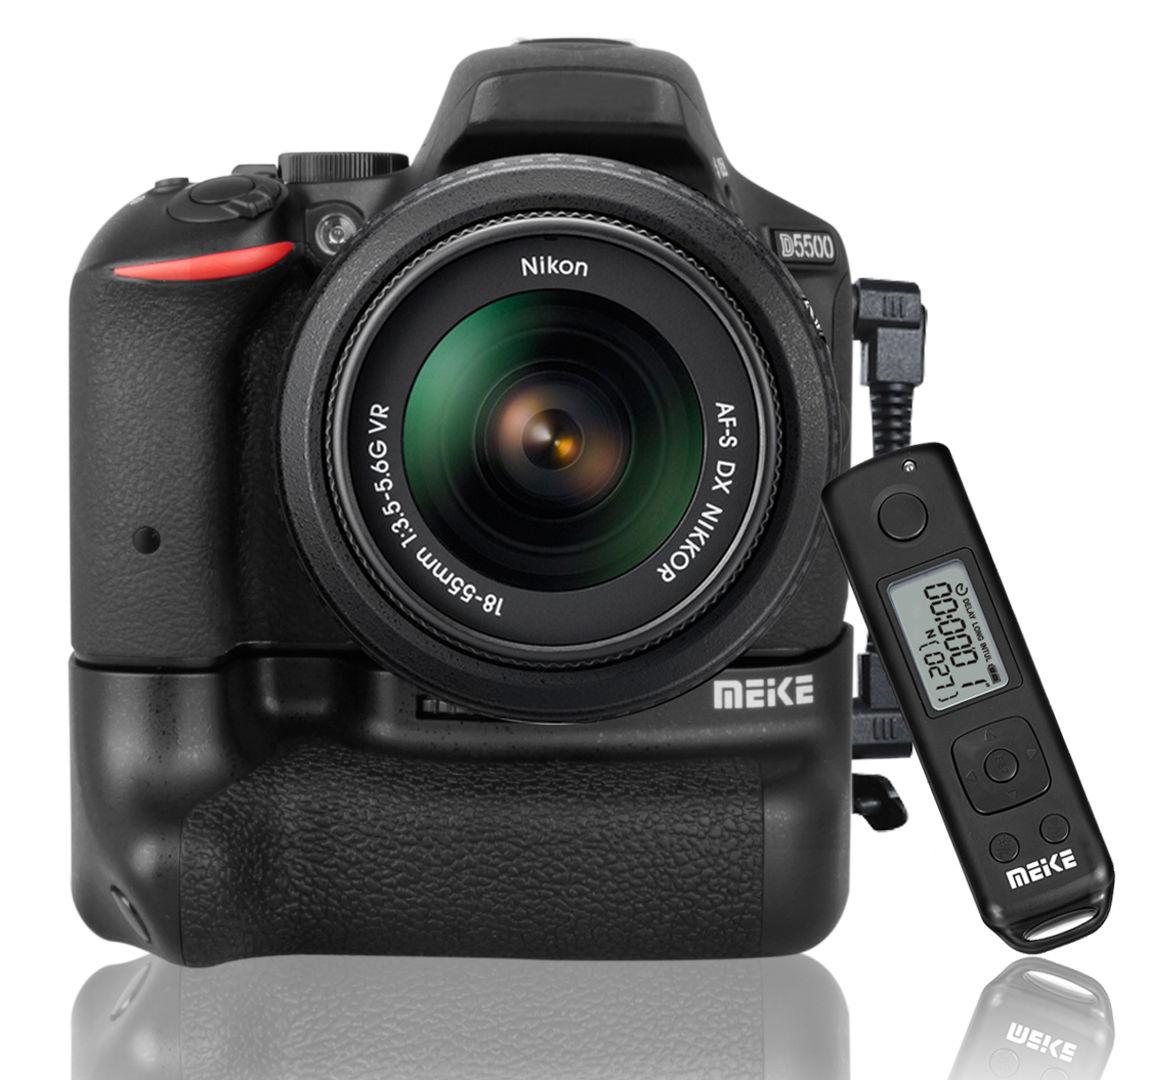 bilder für Meike mk-d5500 pro 2,4g drahtlose fernbedienung batterie grip halter für nikon d5500